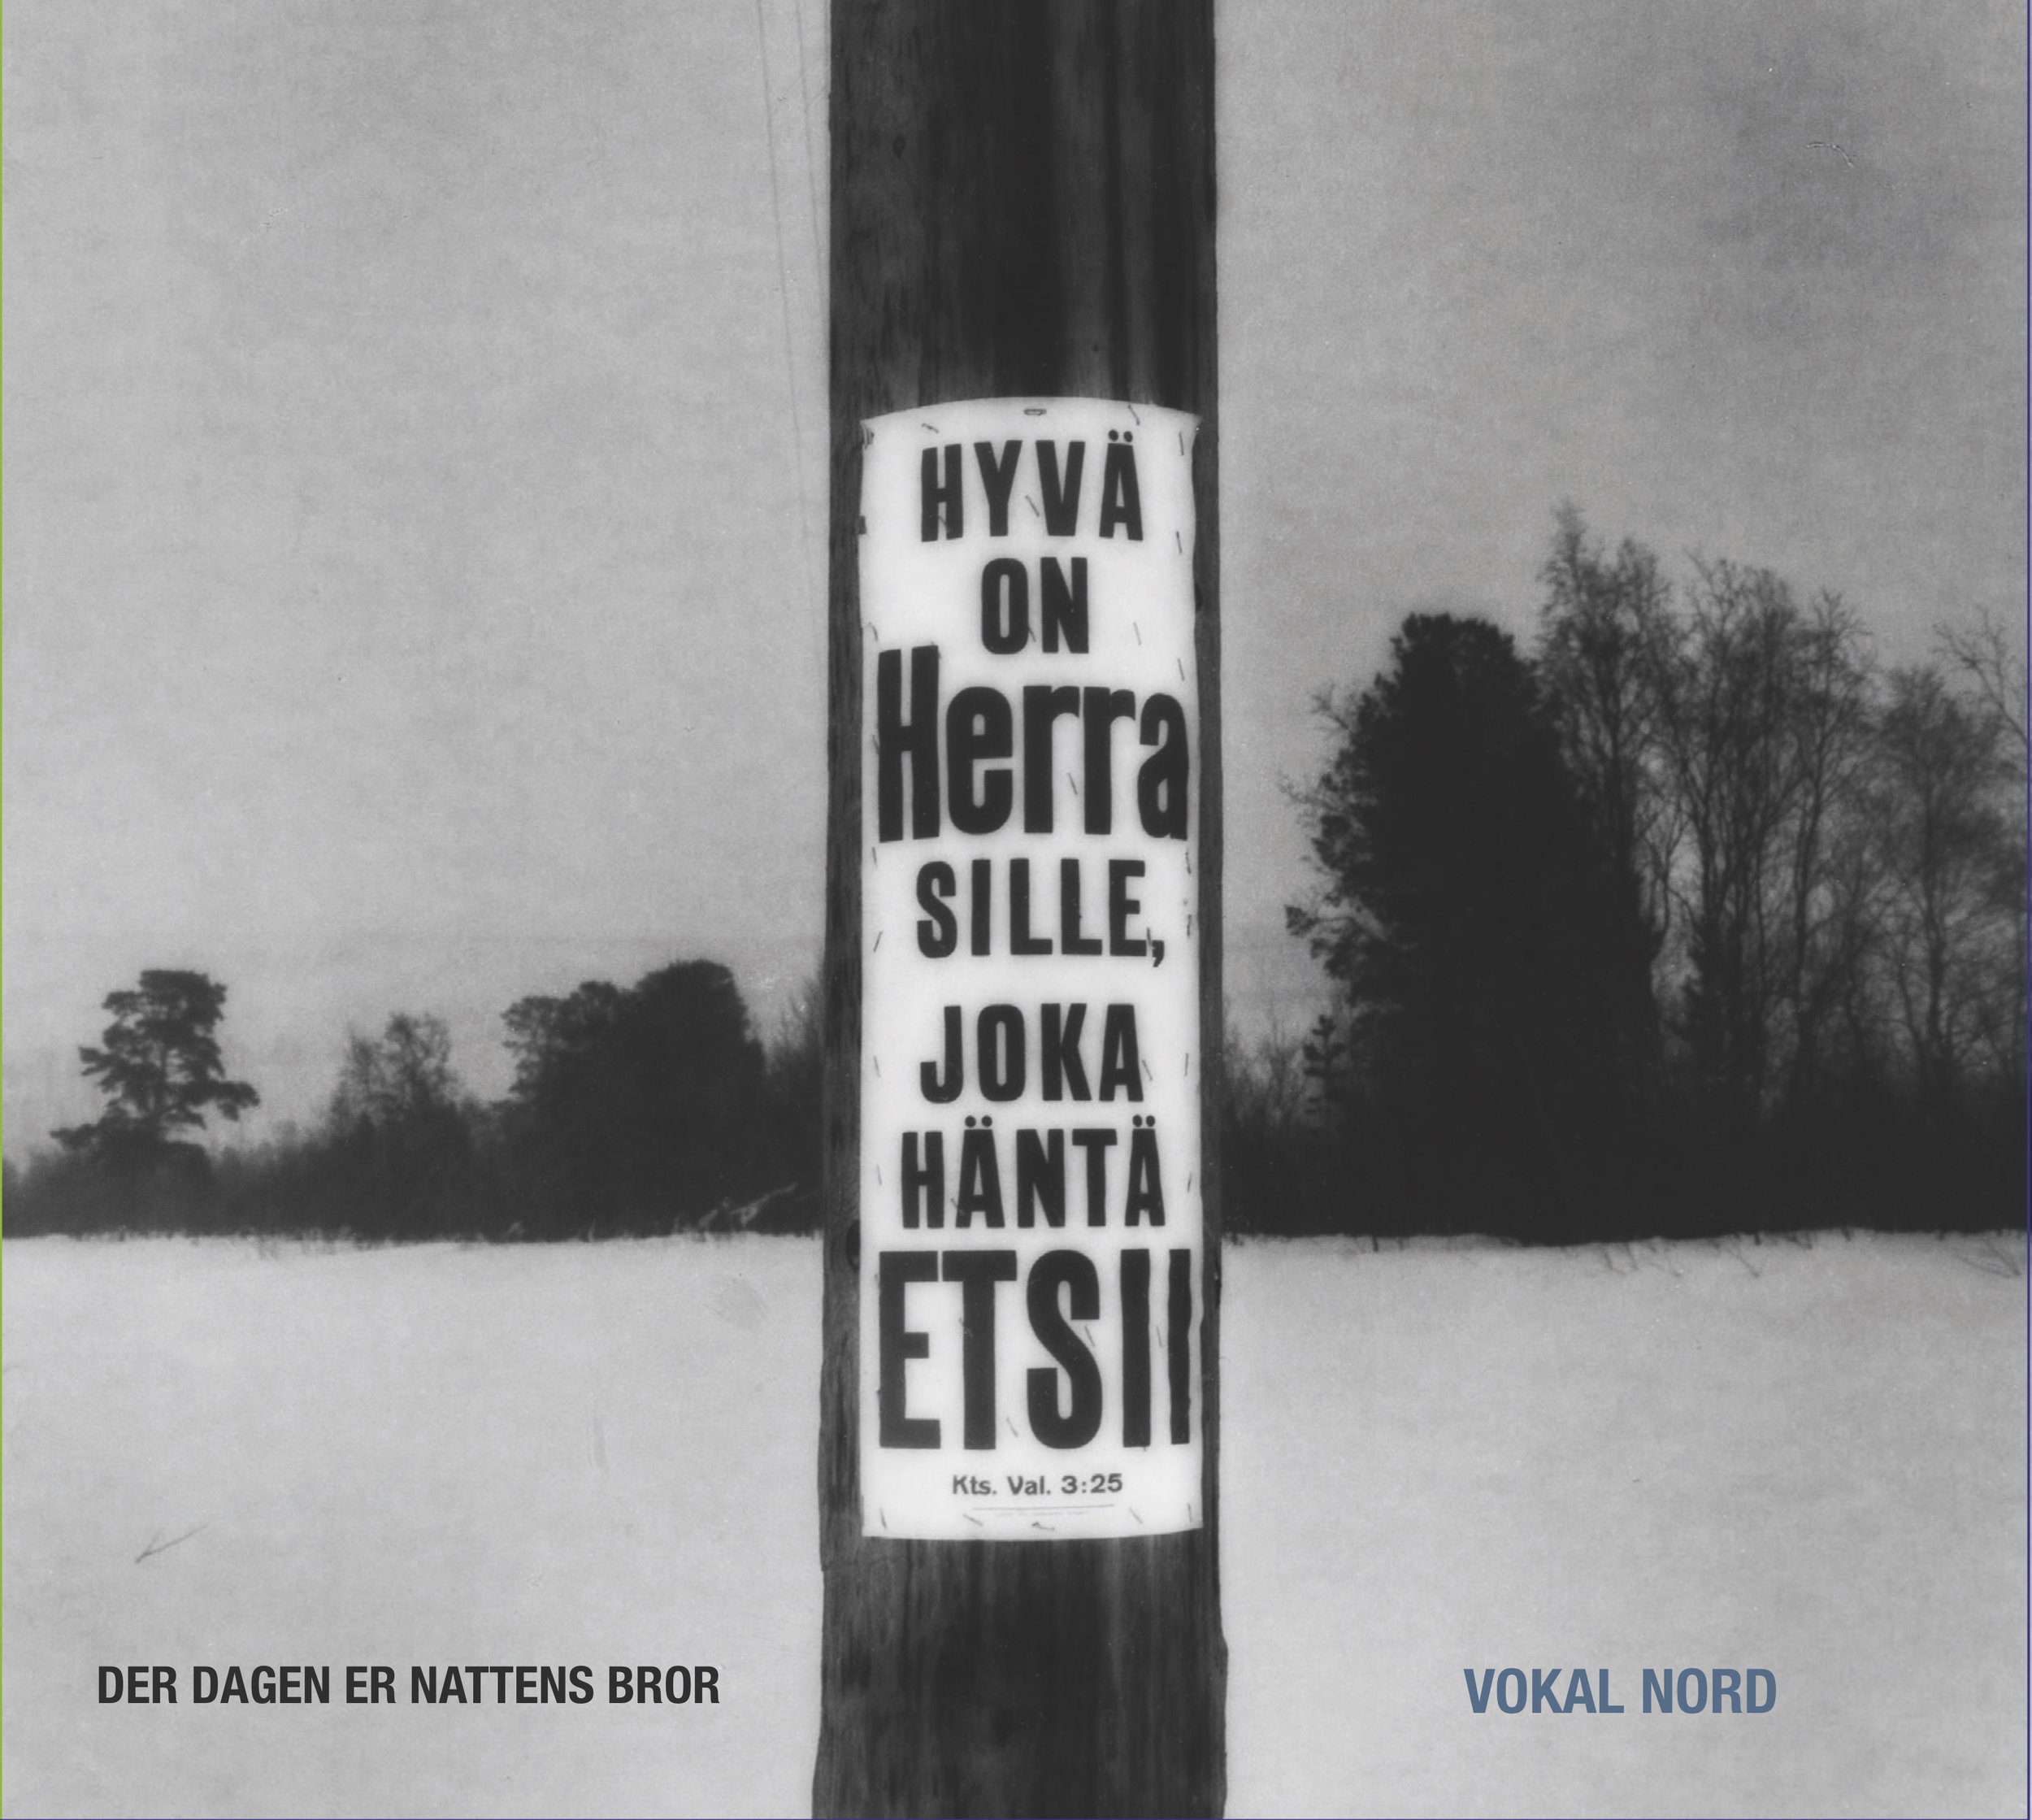 Forside EUCD113 Vokal Nord.jpg